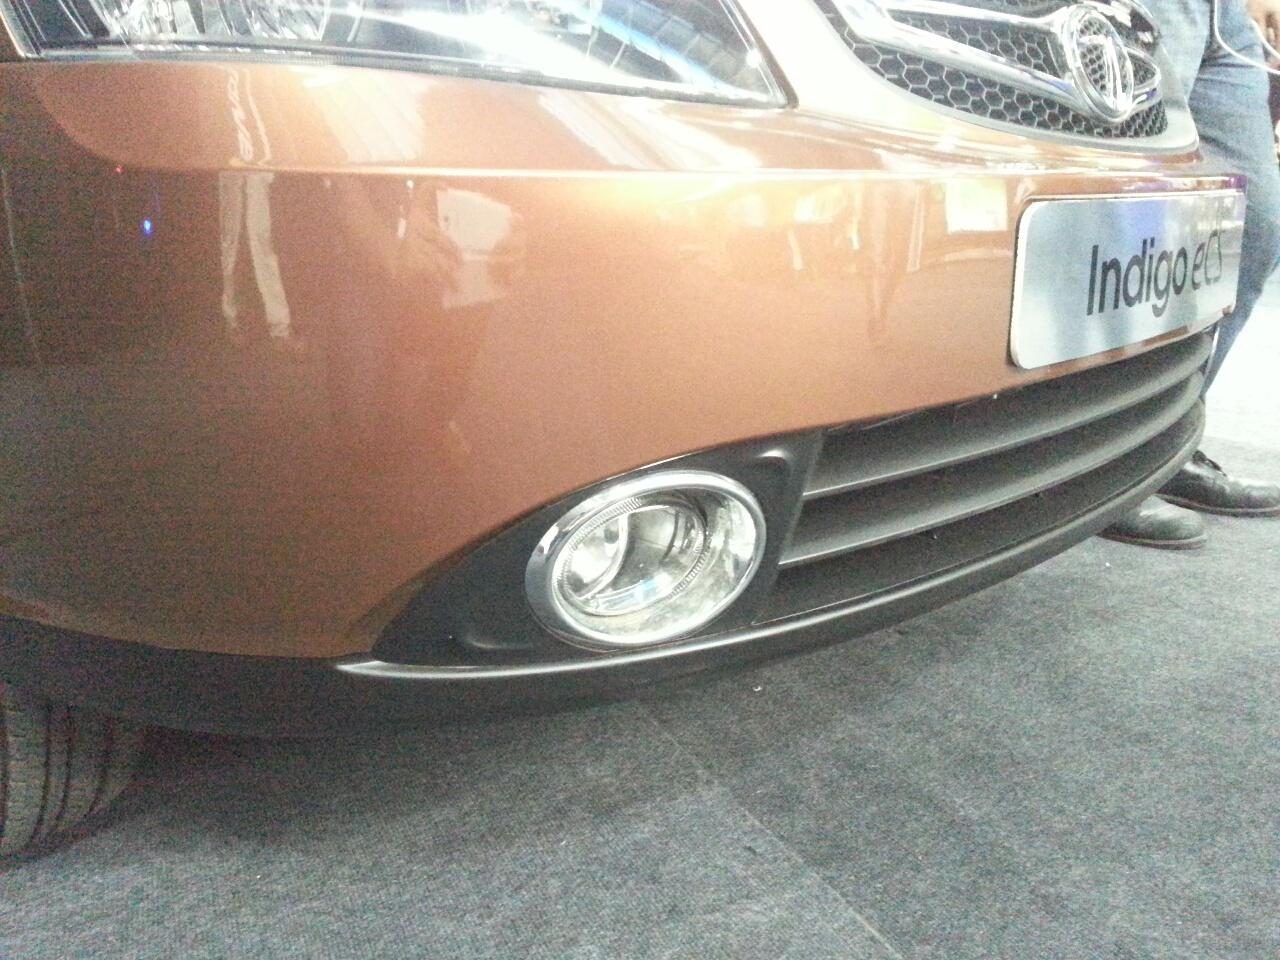 2013 Tata Indigo eCS foglight